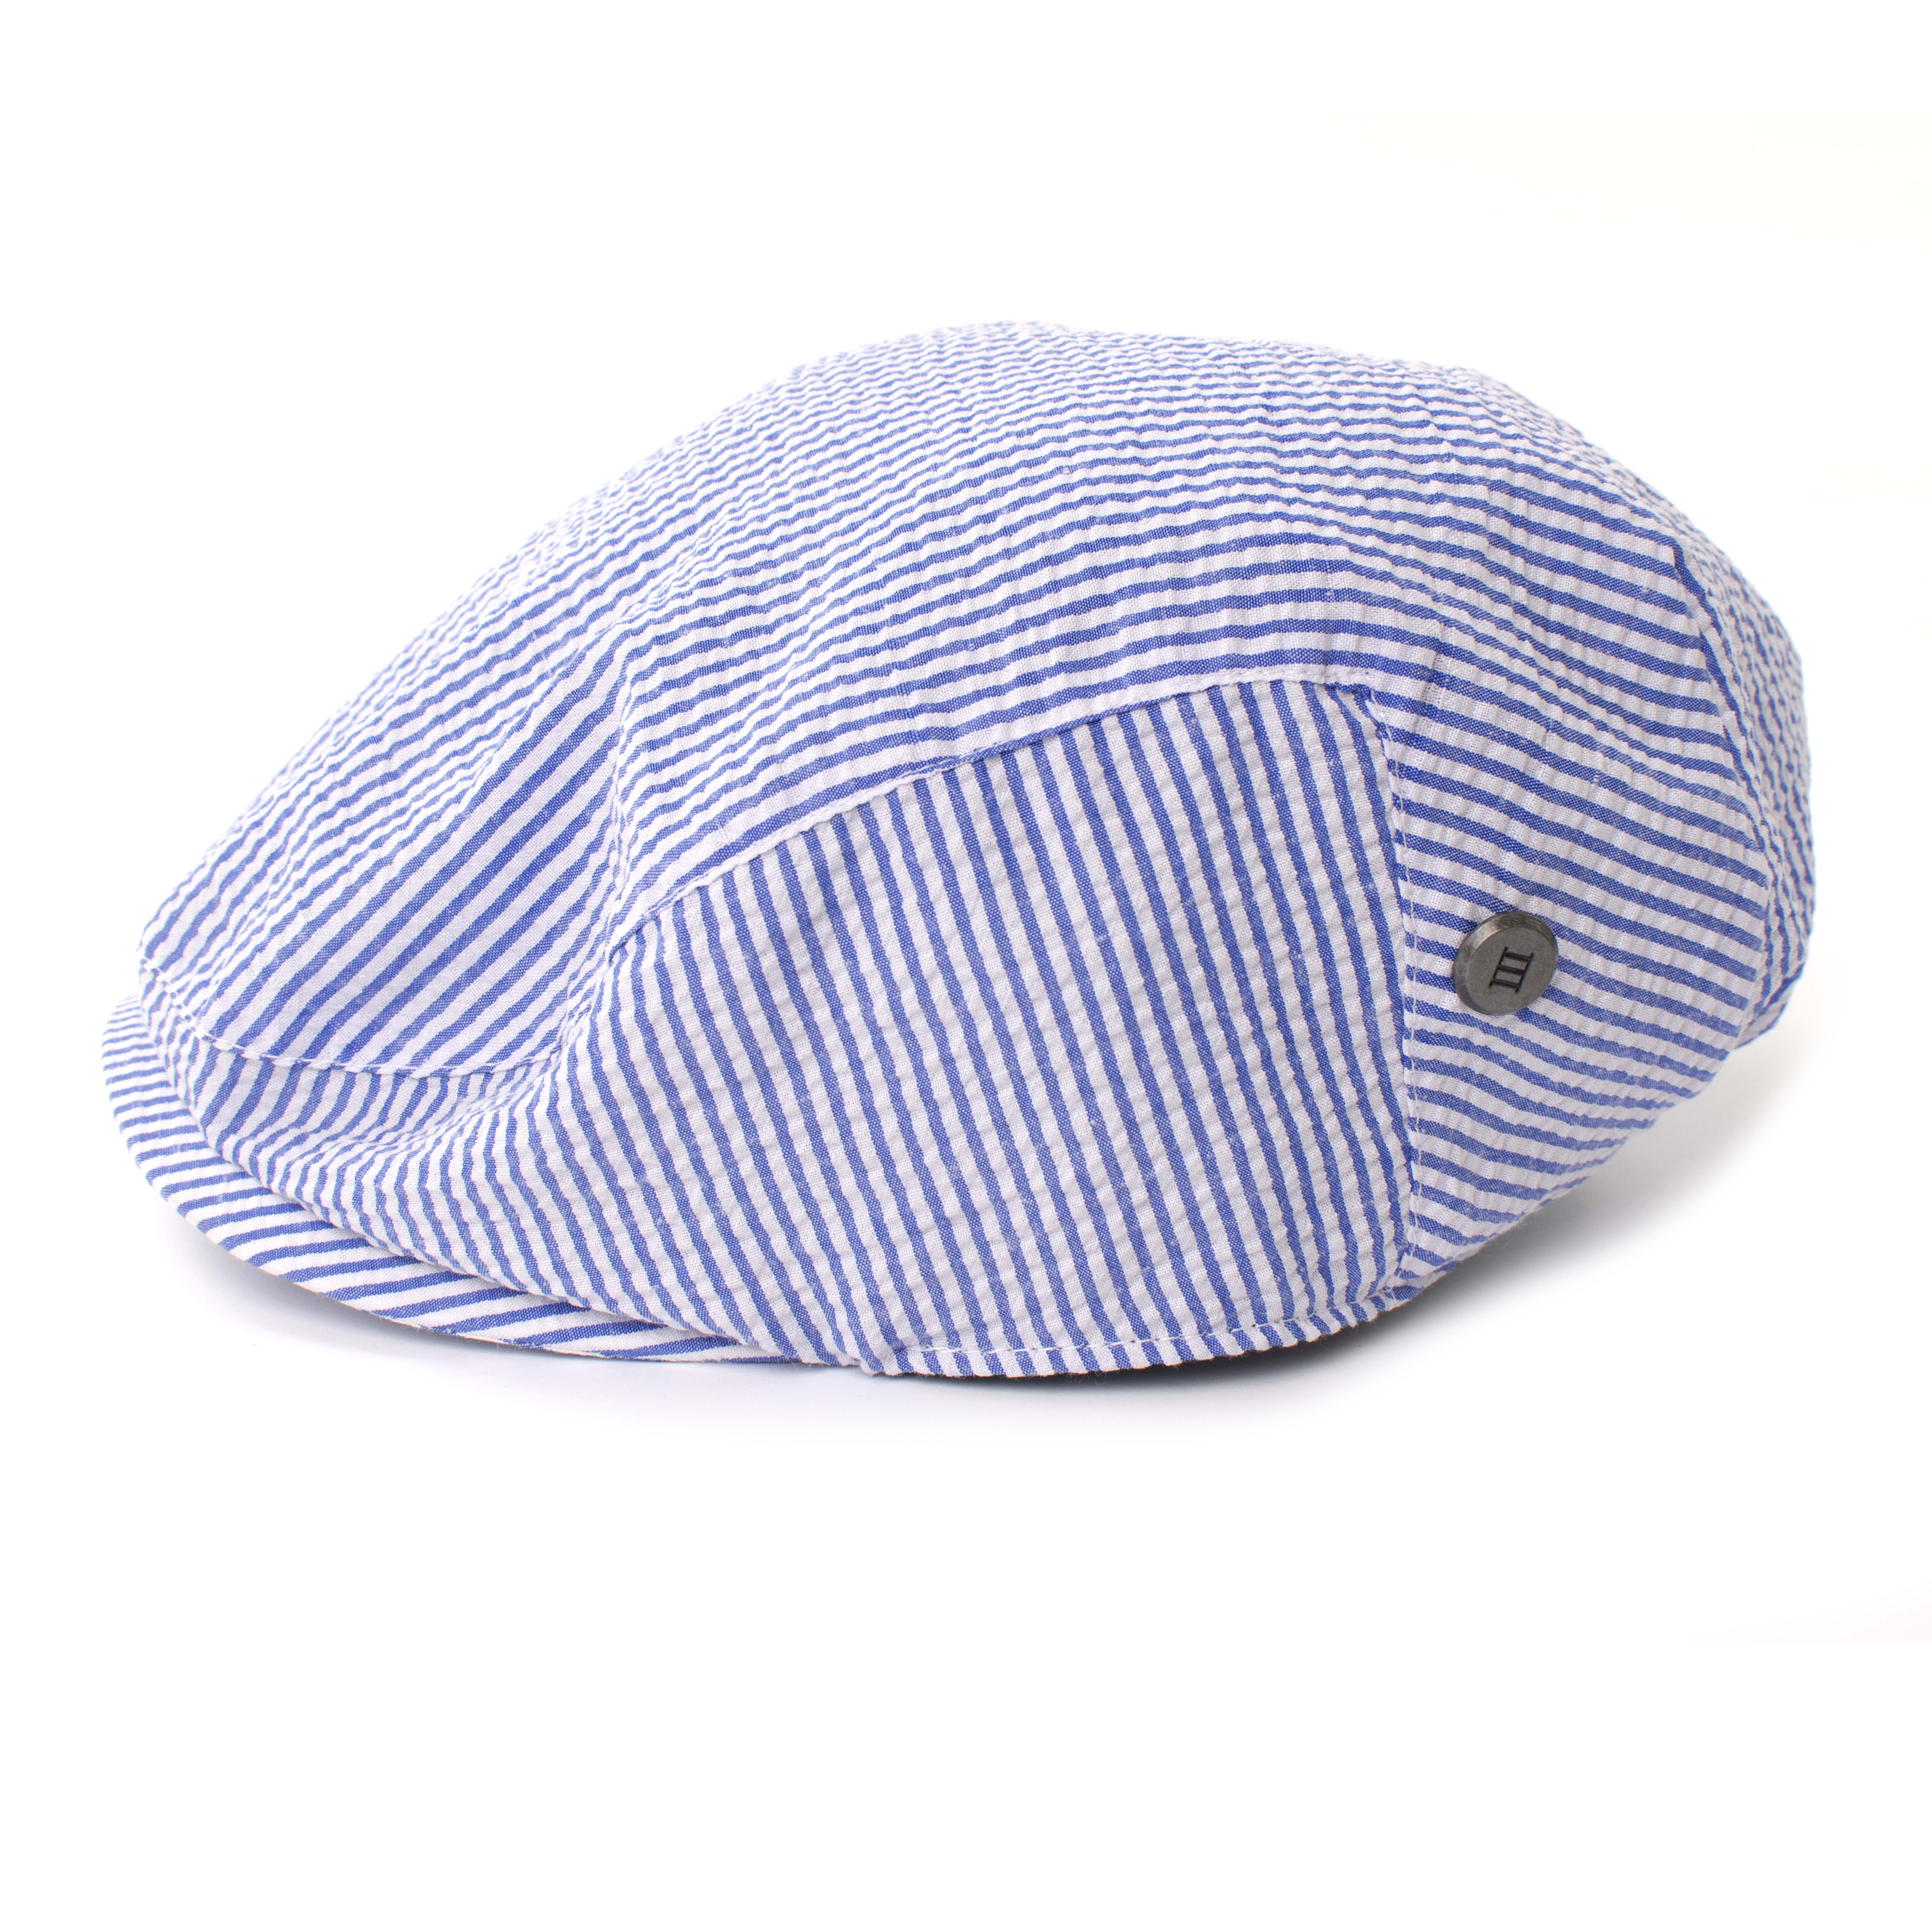 Tjesse | Flat cap seersukker blue stripe